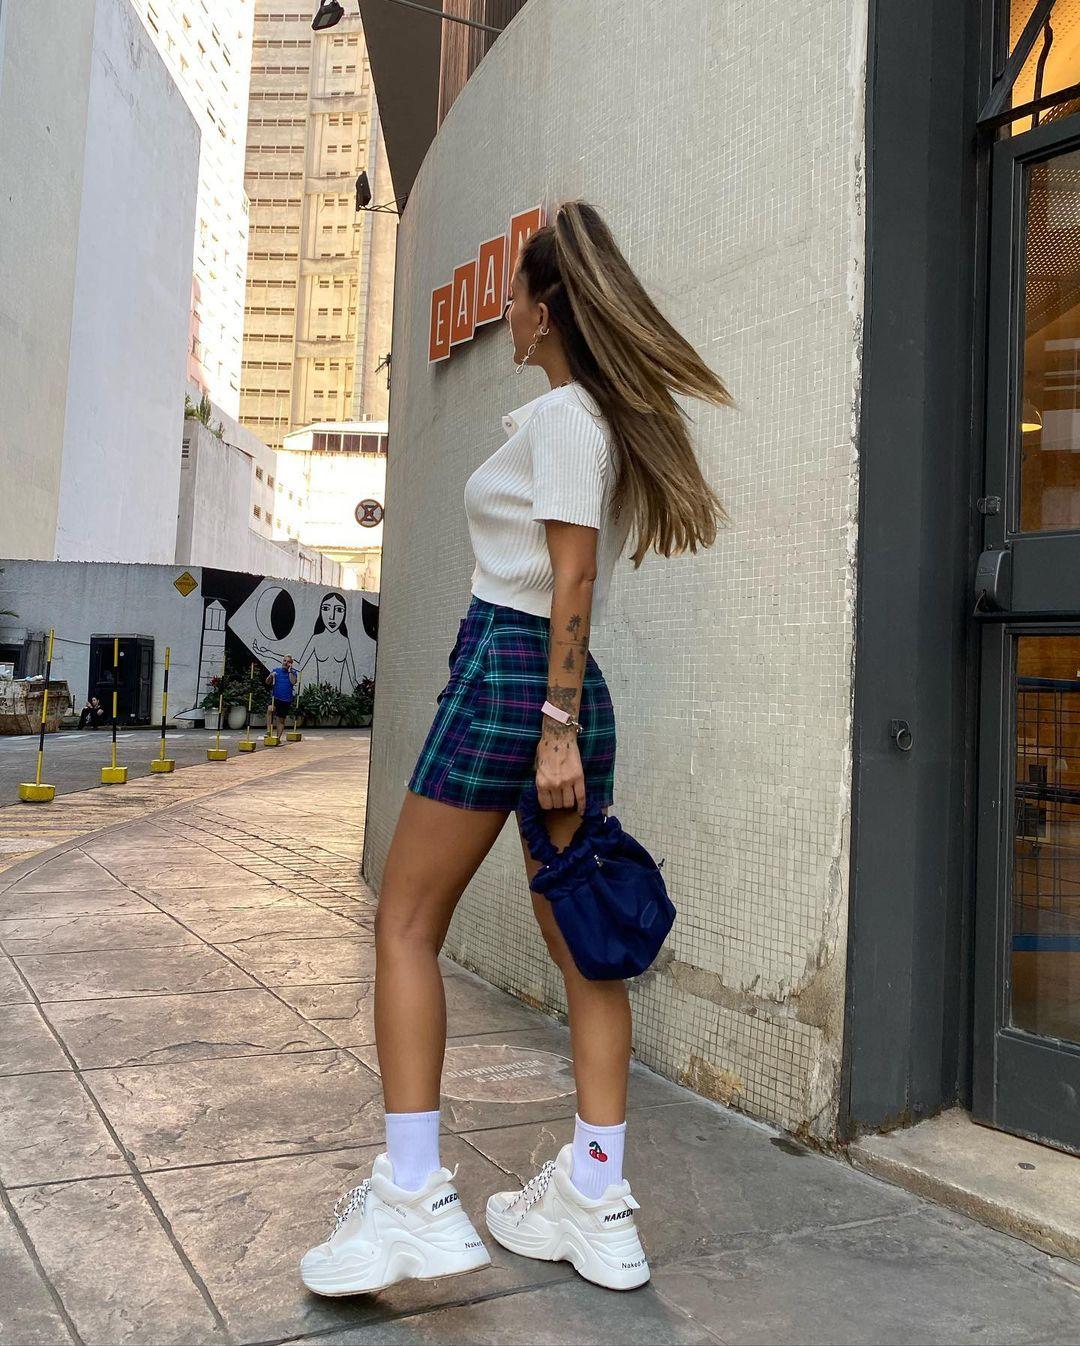 A mulher está em uma rua. Ela veste uma camiseta polo branca, saia azul com estampa xadrez e um tênis plataforma branco. Ela está de perfil para a foto.